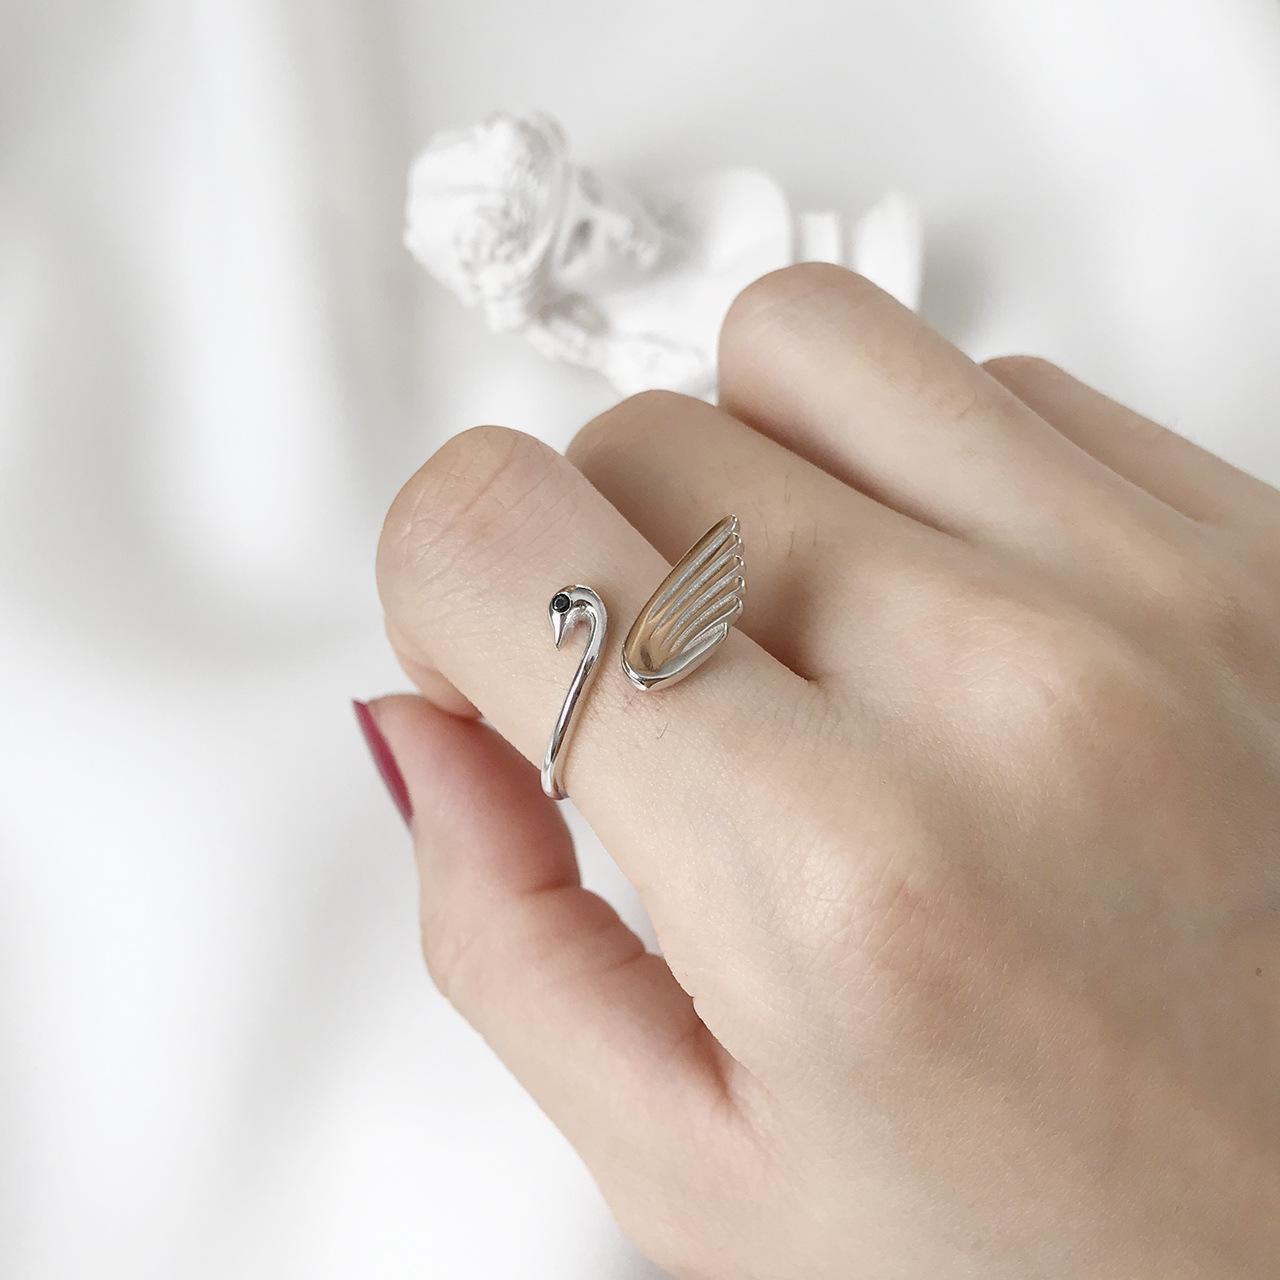 5da58b36c418a Heißer Verkauf Marke Swan Reine 925 Sterling Silber Geschenk Frauen Rose  silbrig Farbe Ring Klassische weiße Swan Schmuck Romantische Perle Swan Ring